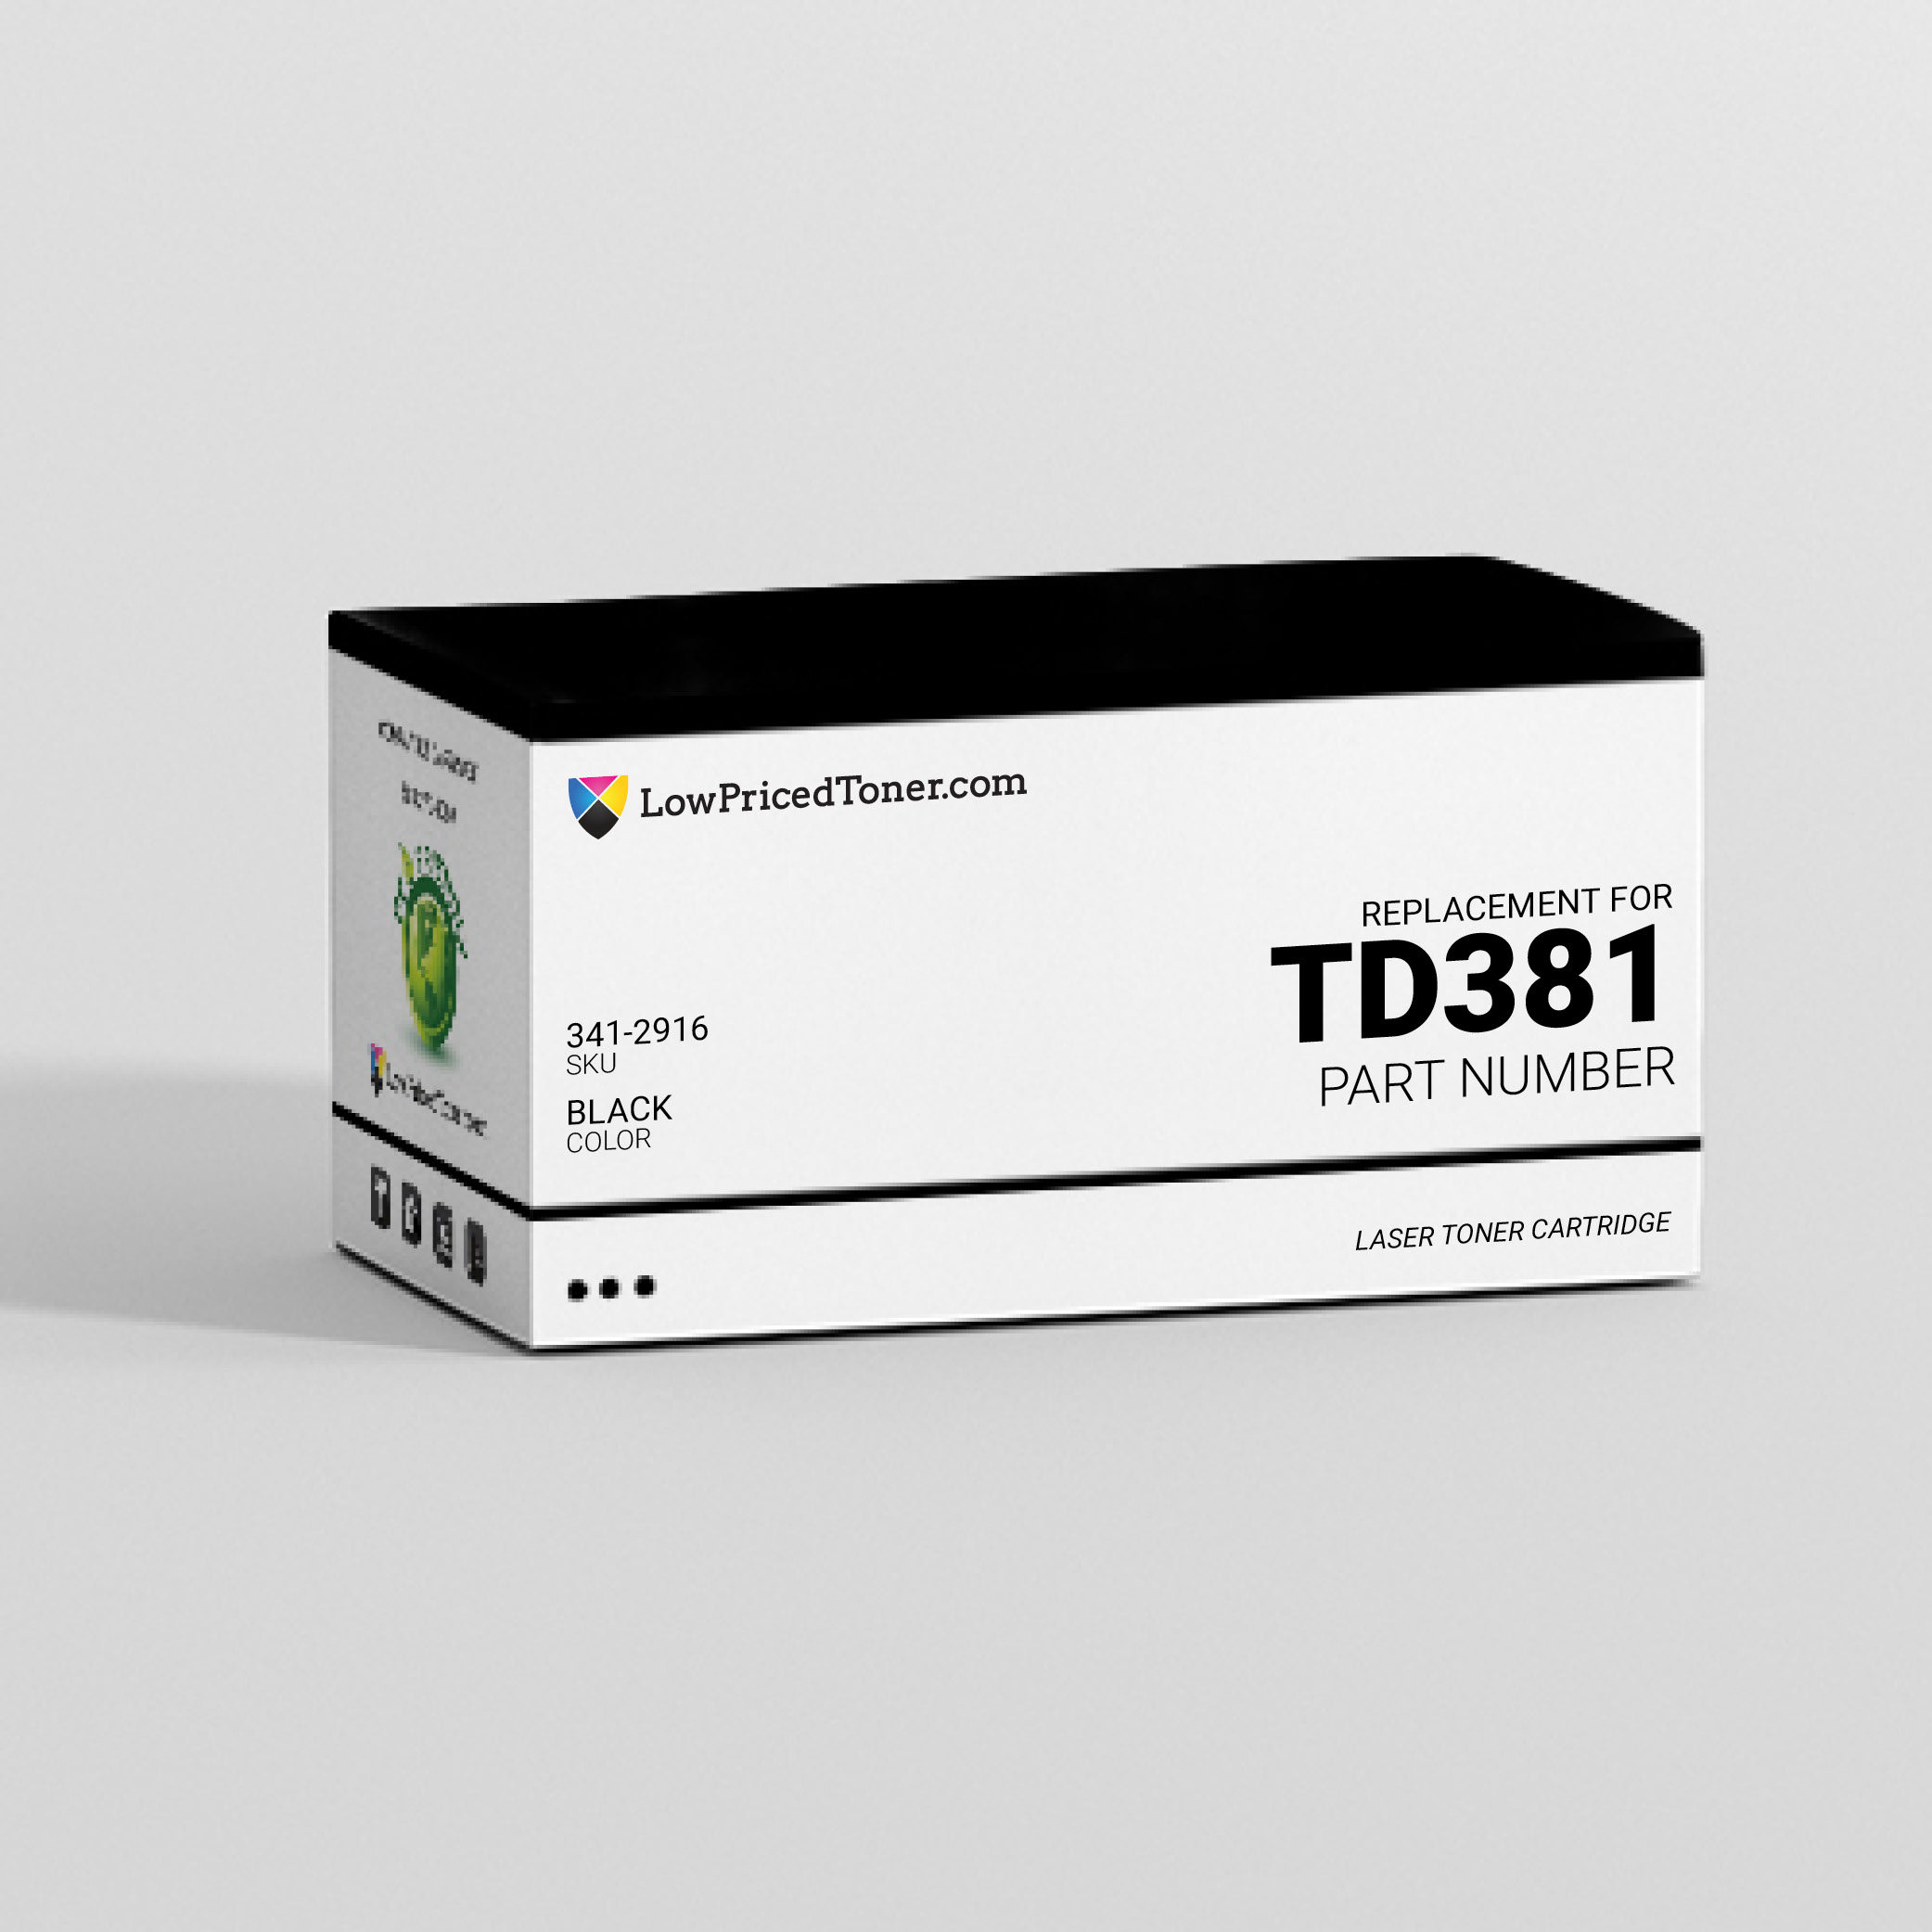 Dell 341-2916 TD381 Remanufactured Black Laser Toner Cartridge